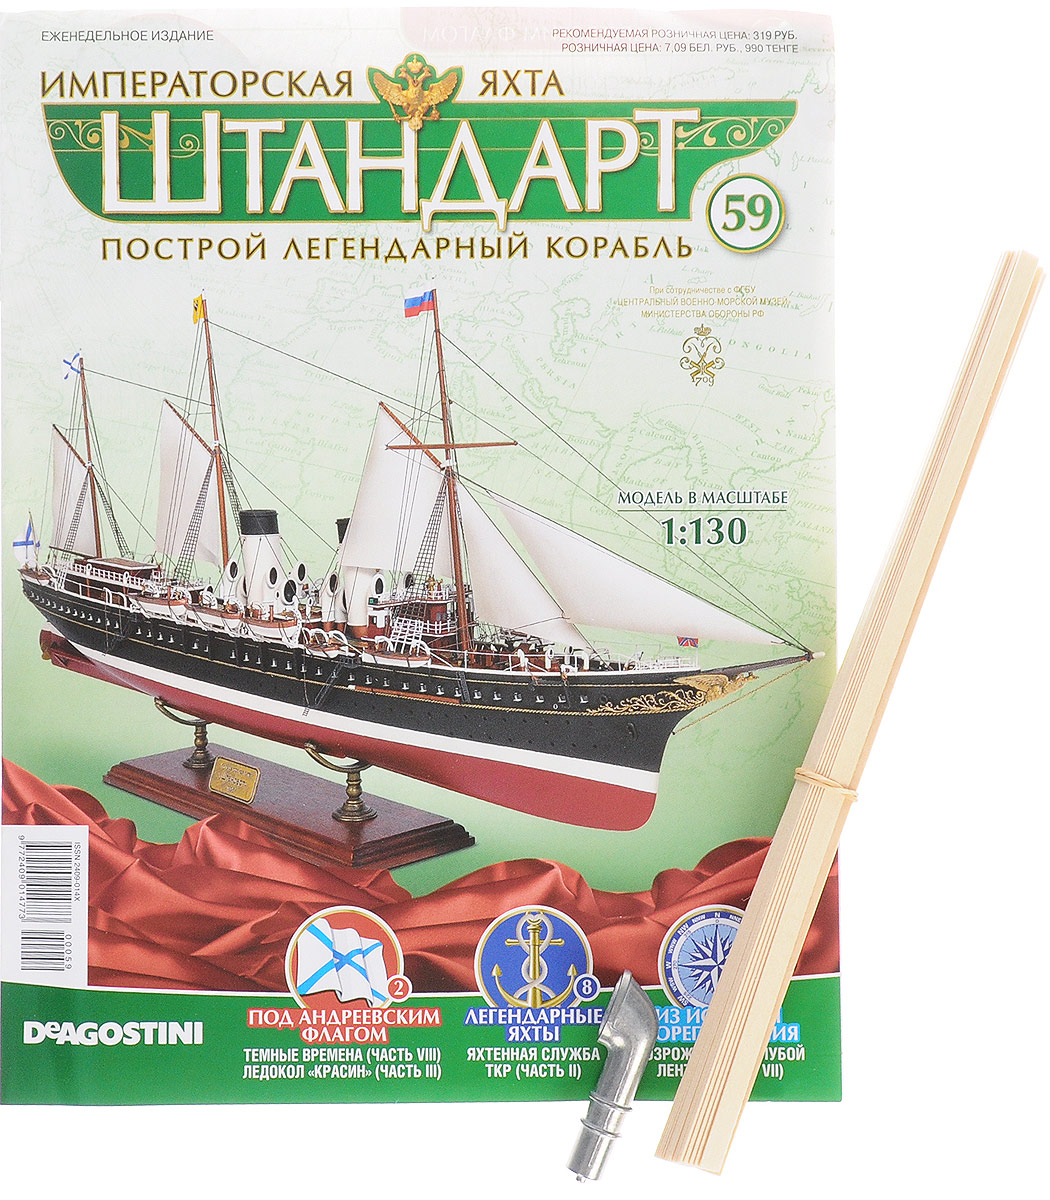 """Журнал """"Императорская яхта""""ШТАНДАРТ"""" №59,"""